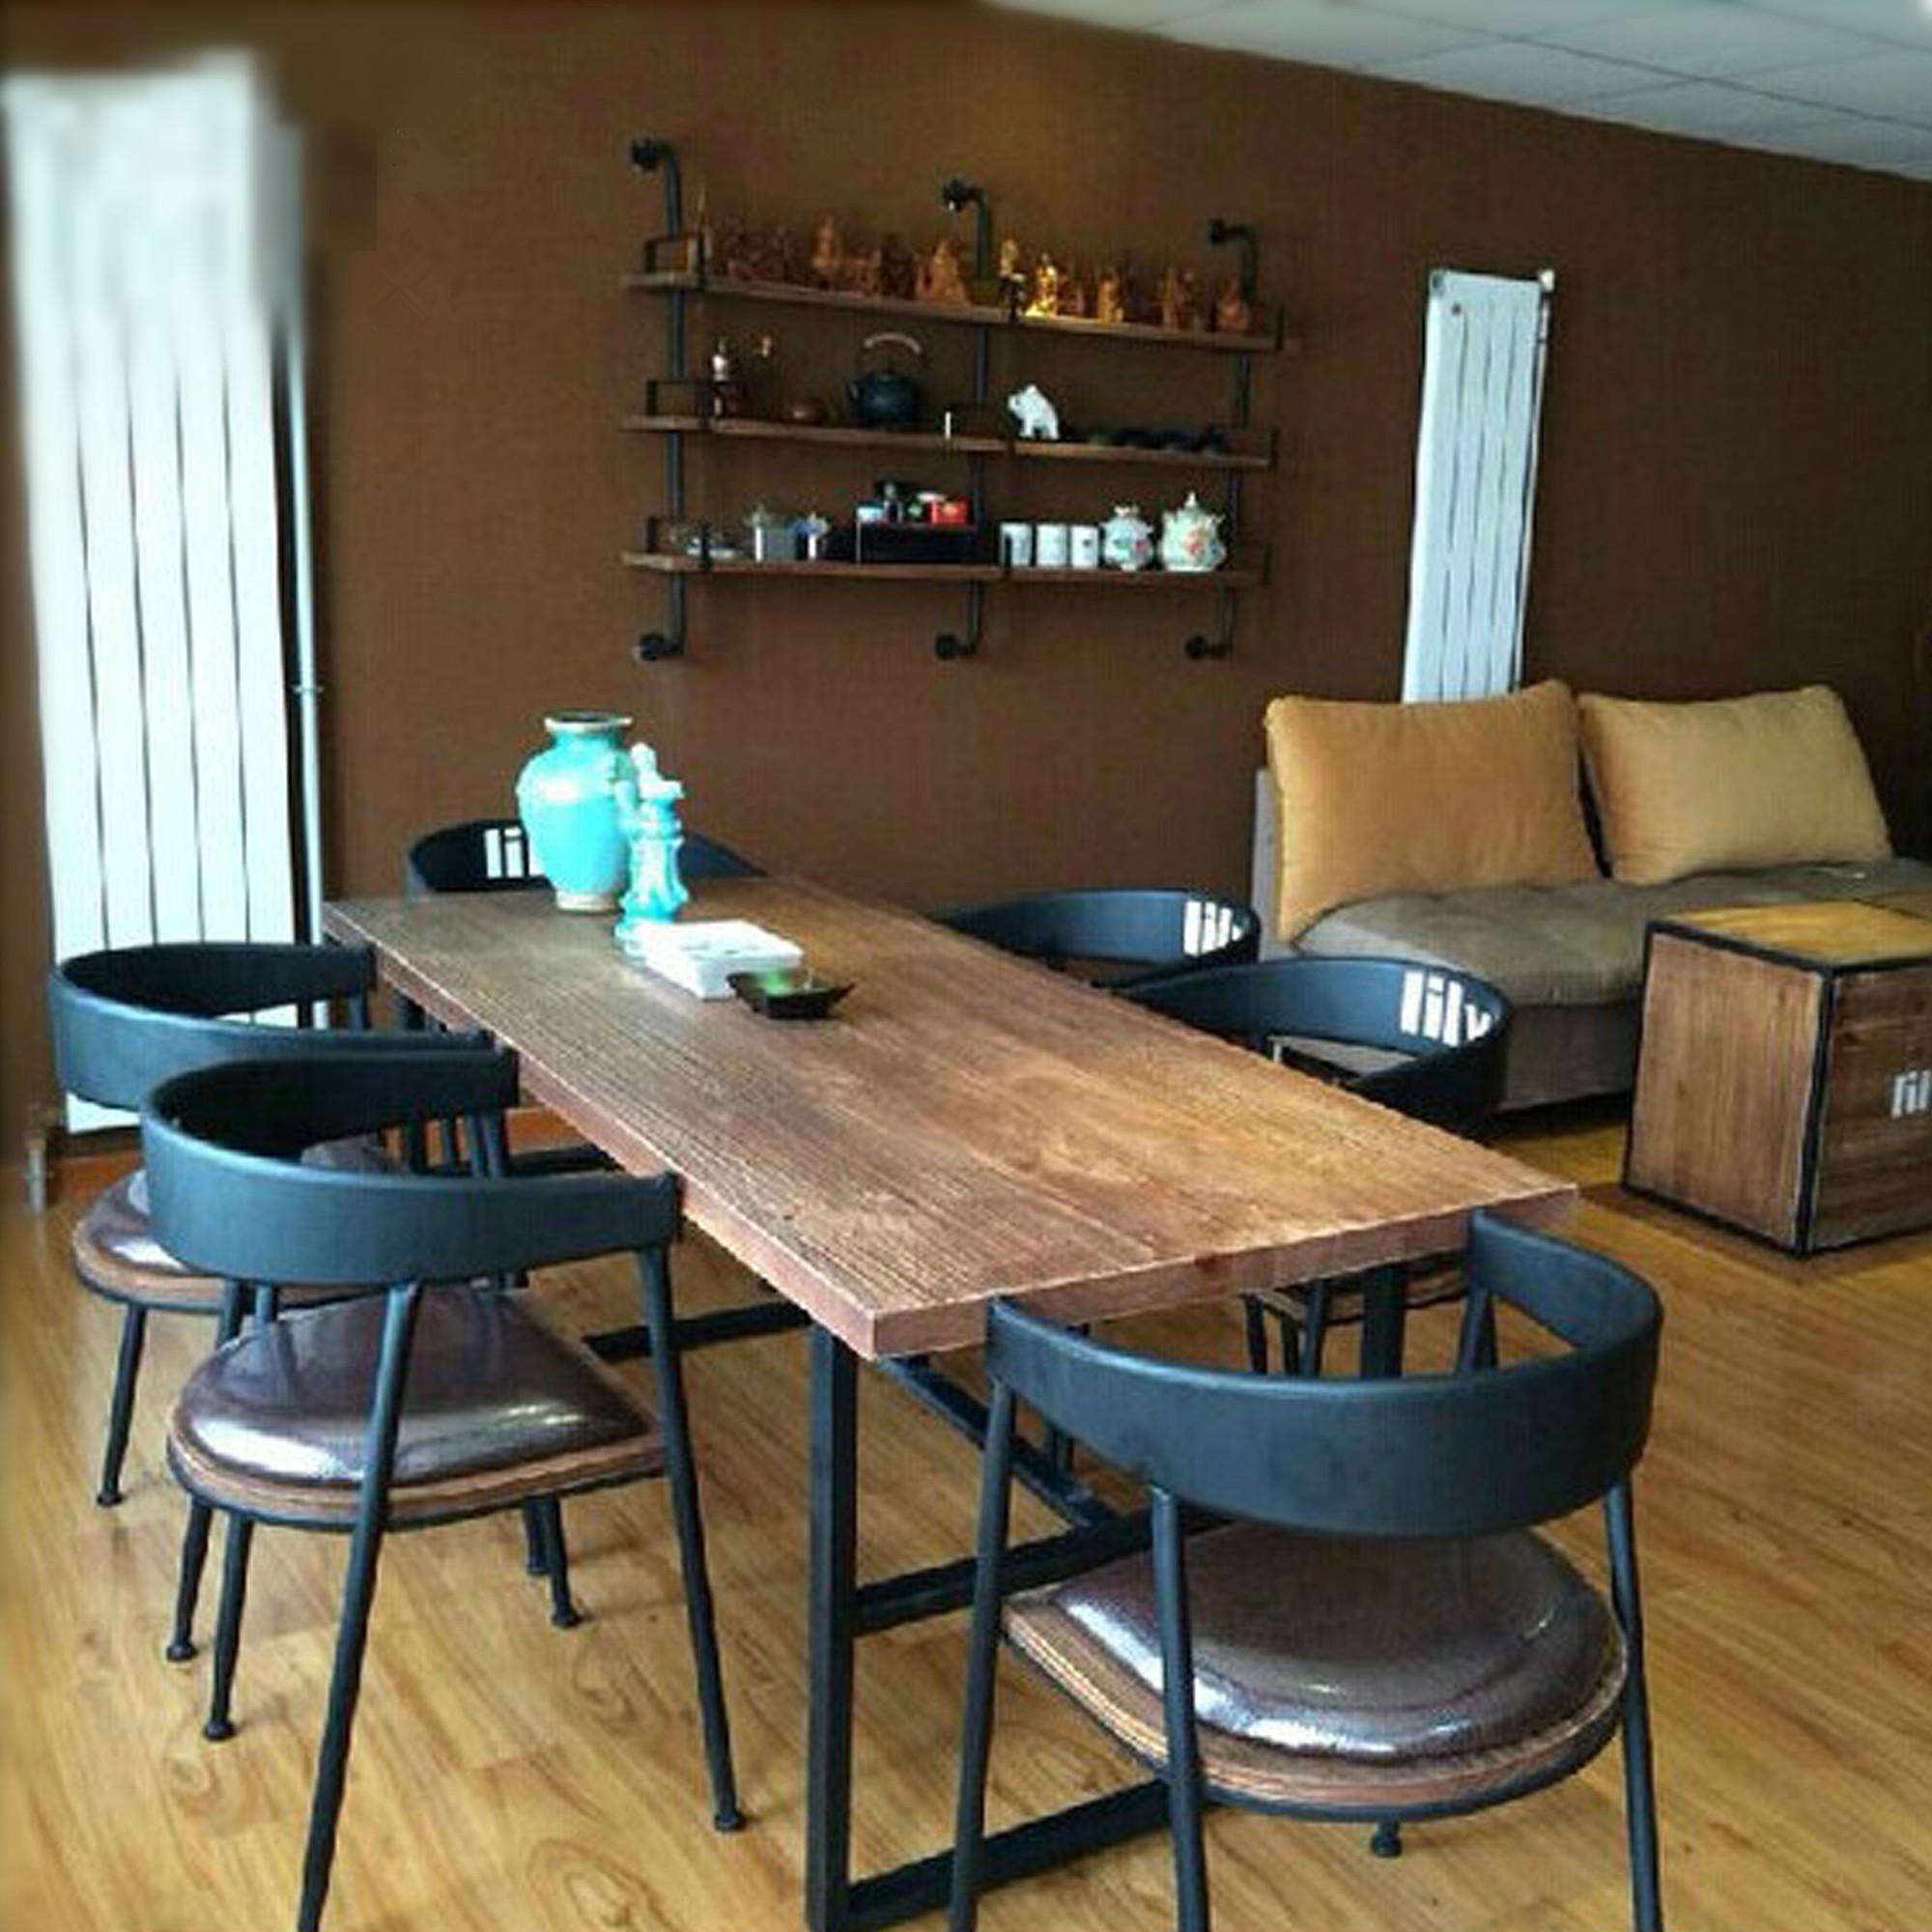 La campagne nordique américain antiquité / vieux / une table en bois / fer de table / table rectangulaire avec une combinaison de chaise